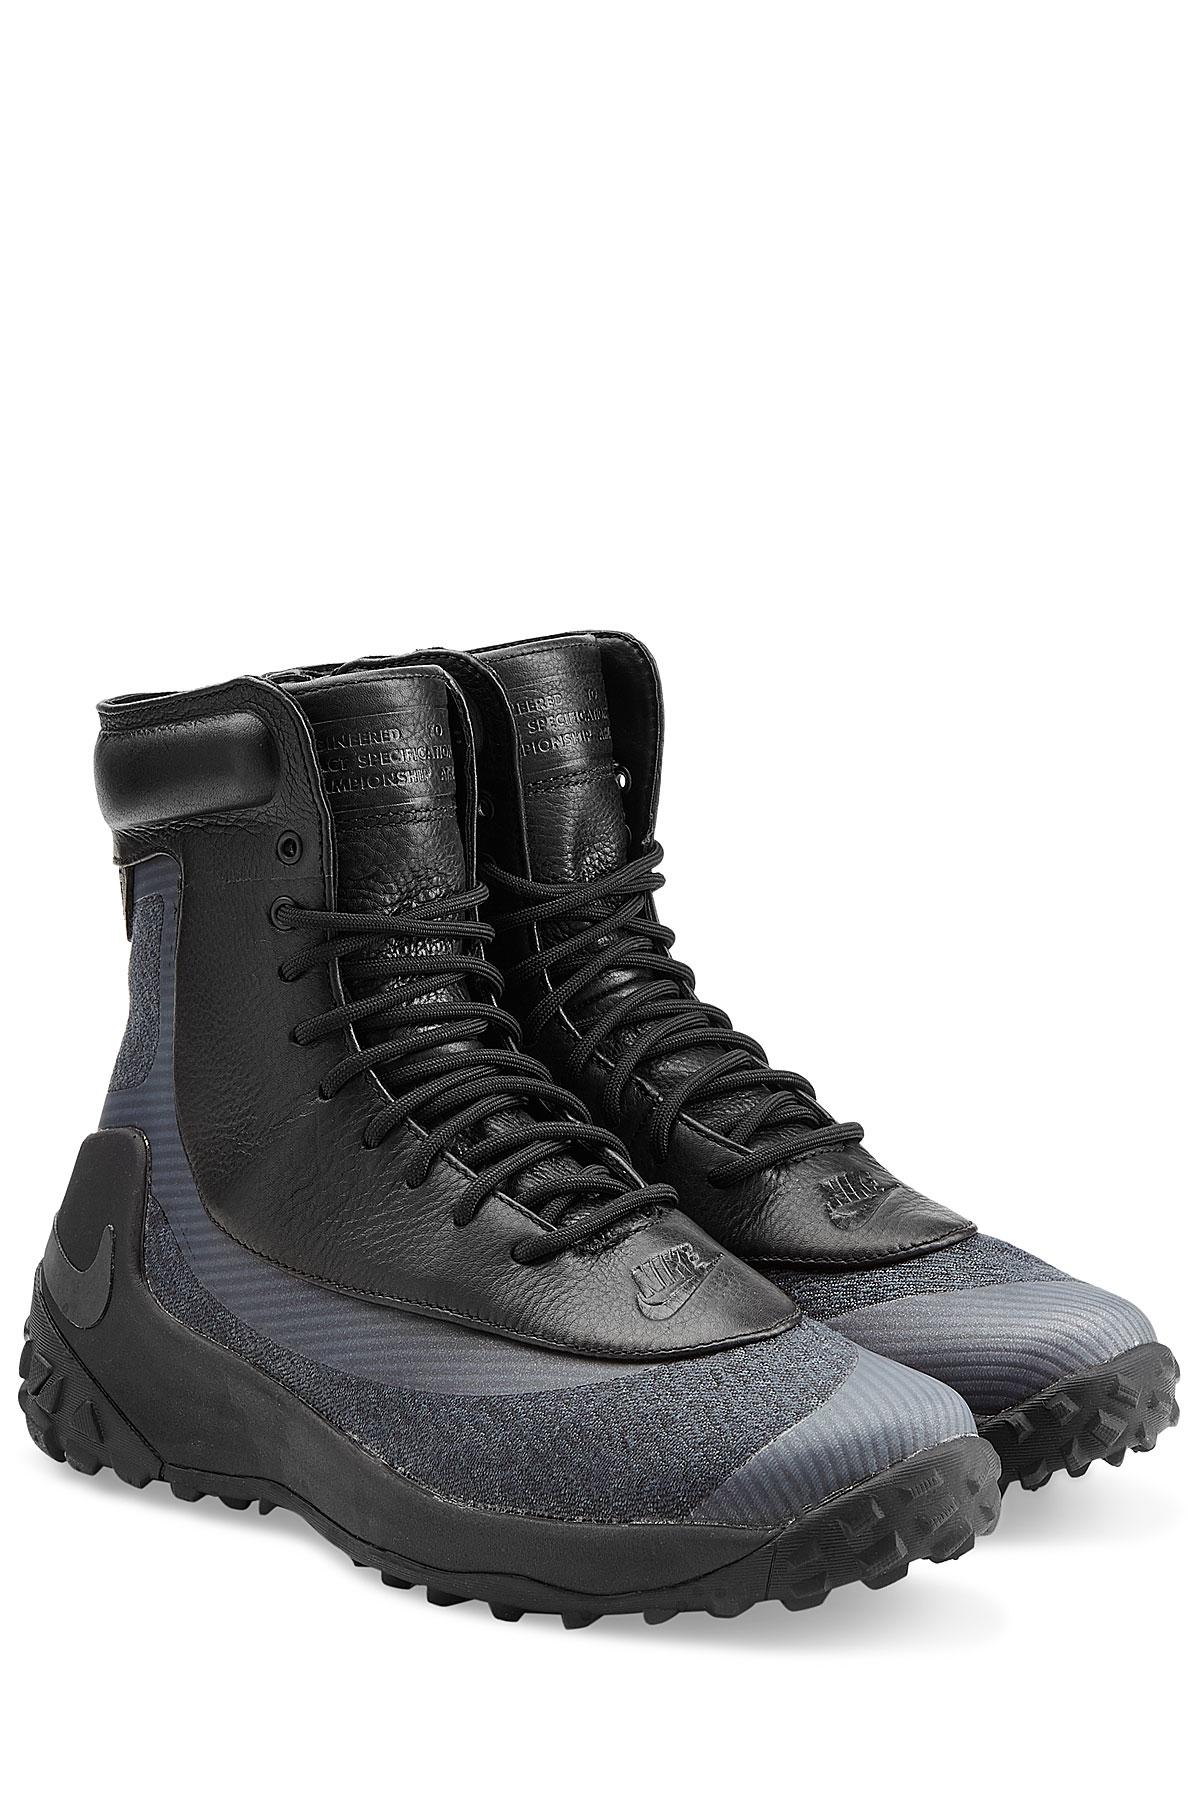 Nike Zoom Kynsi Jacquard Waterproof Boots Black In Black